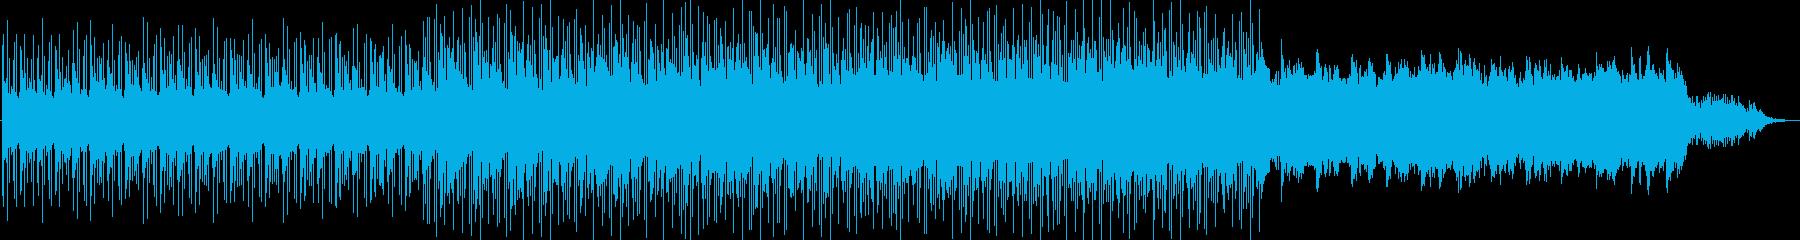 ピアノとシンセがドラマチックで壮大な曲の再生済みの波形